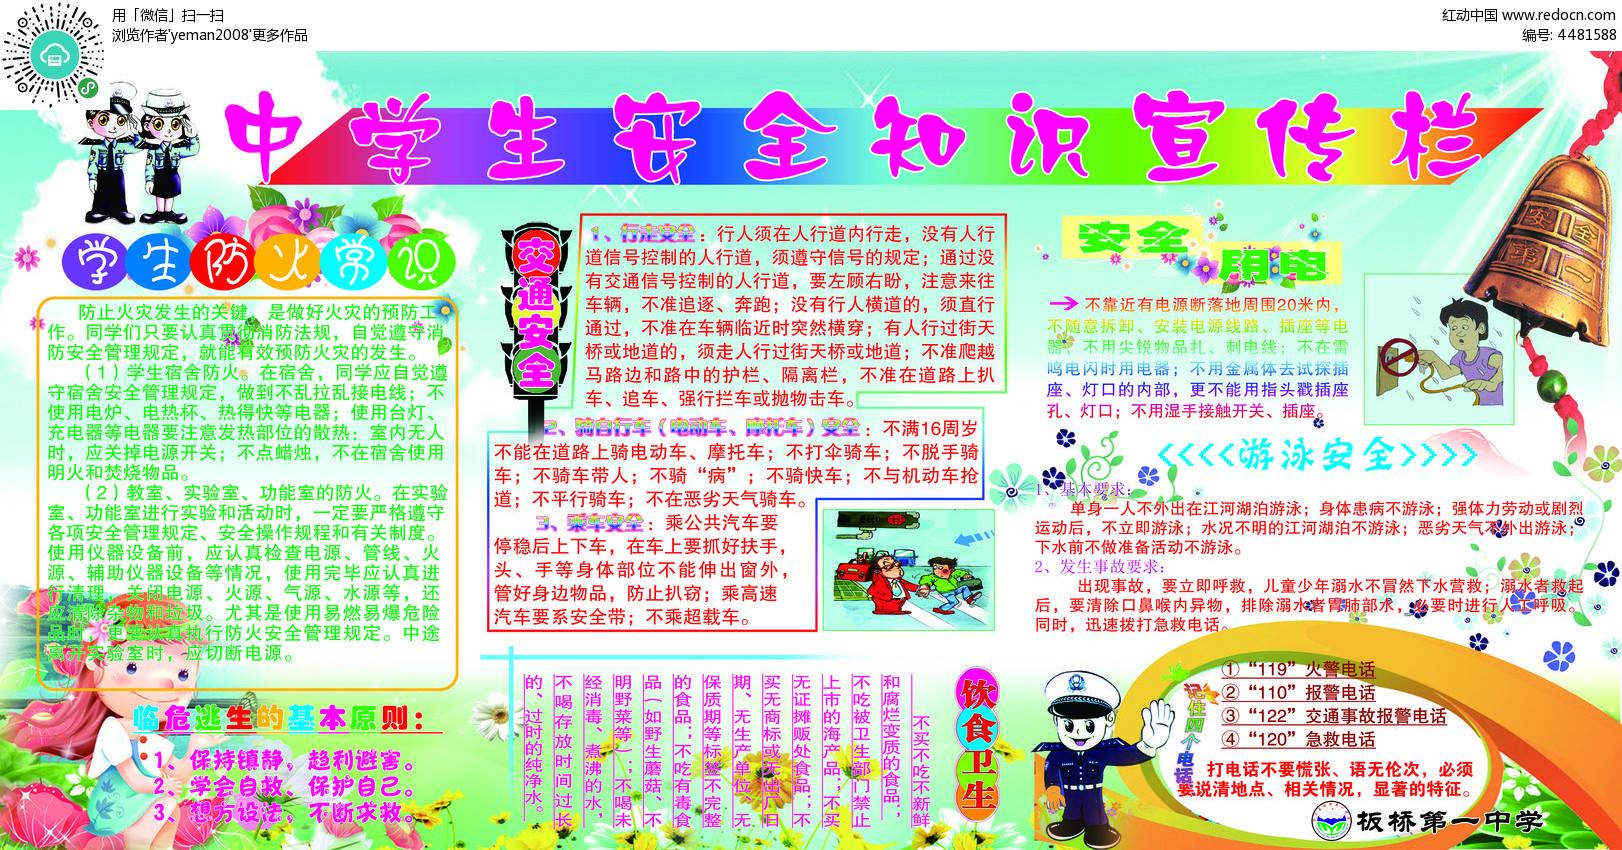 中学生安全知识宣传画展板源文件